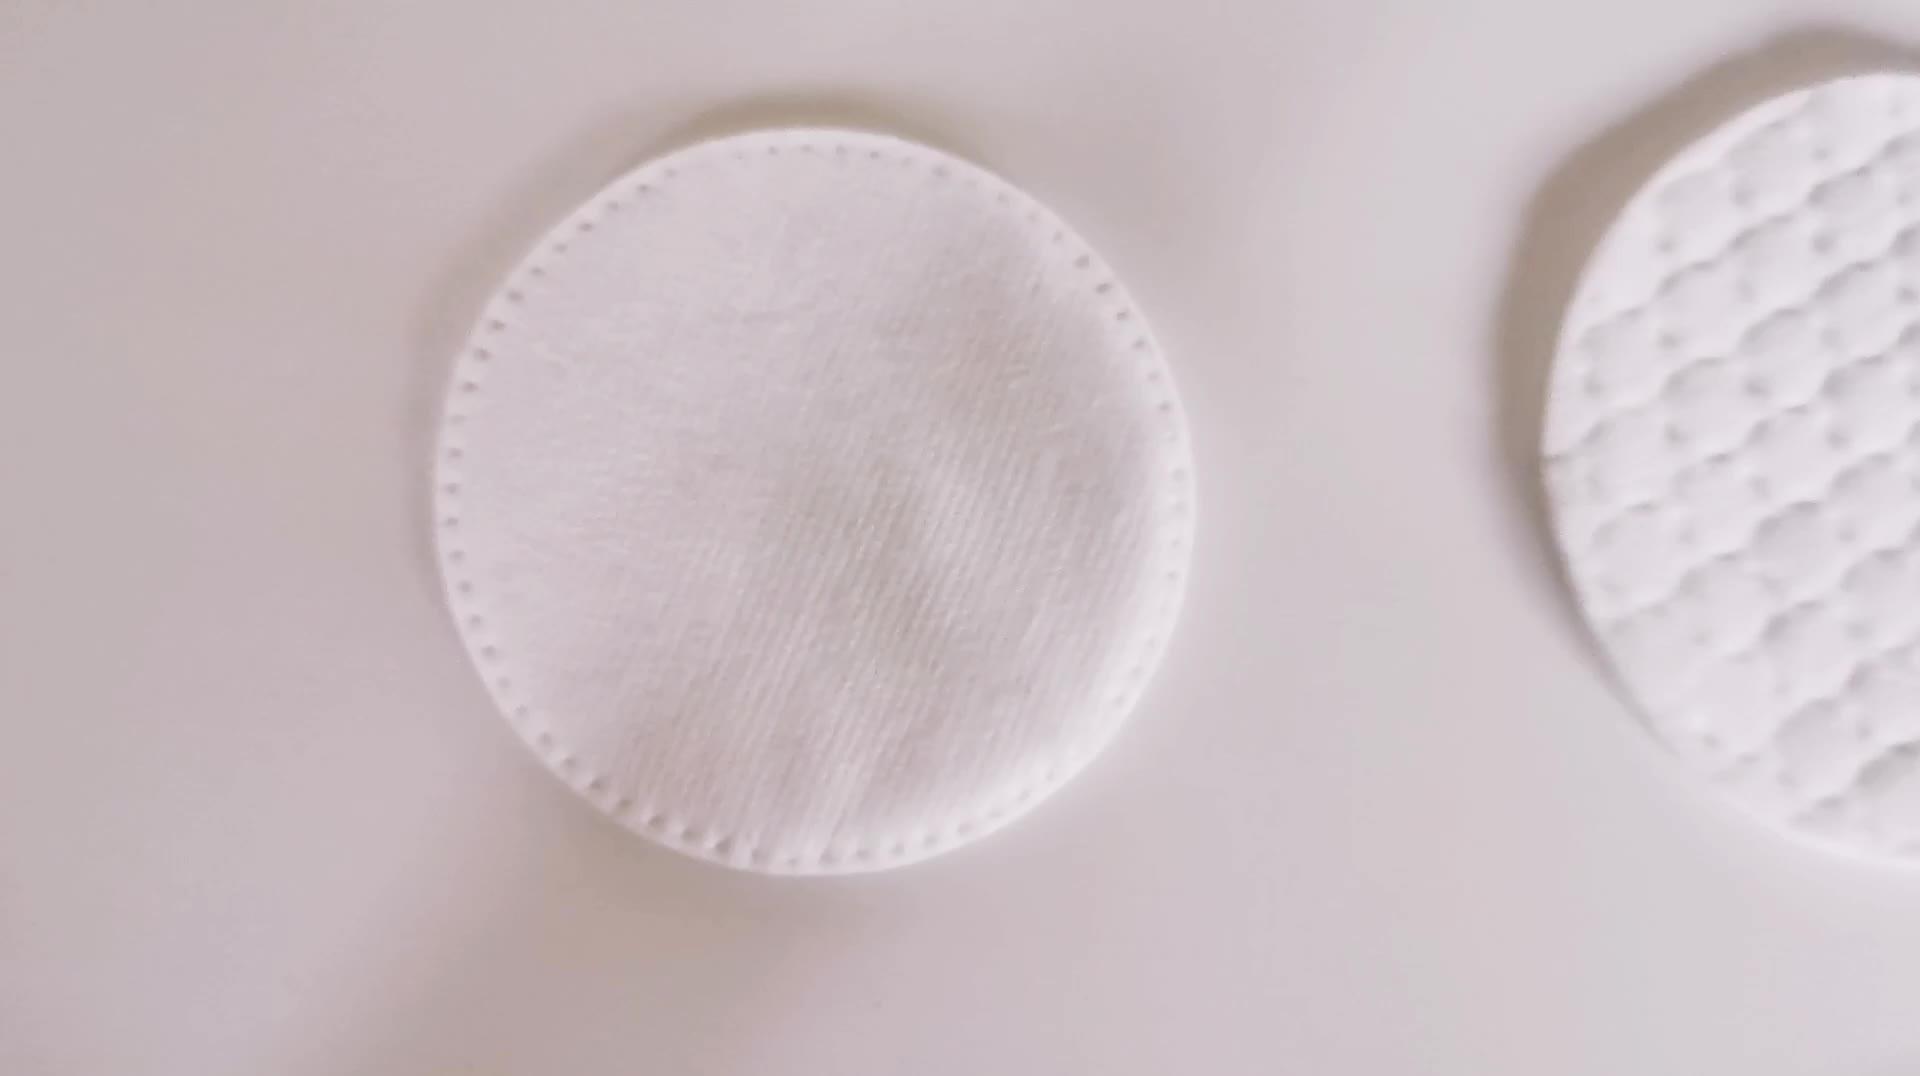 Promotionele schoonheid persoonlijke verzorging mode pure pluizende wattenschijfjes ingedrukt ronde cosmetische katoen pads fabrikant